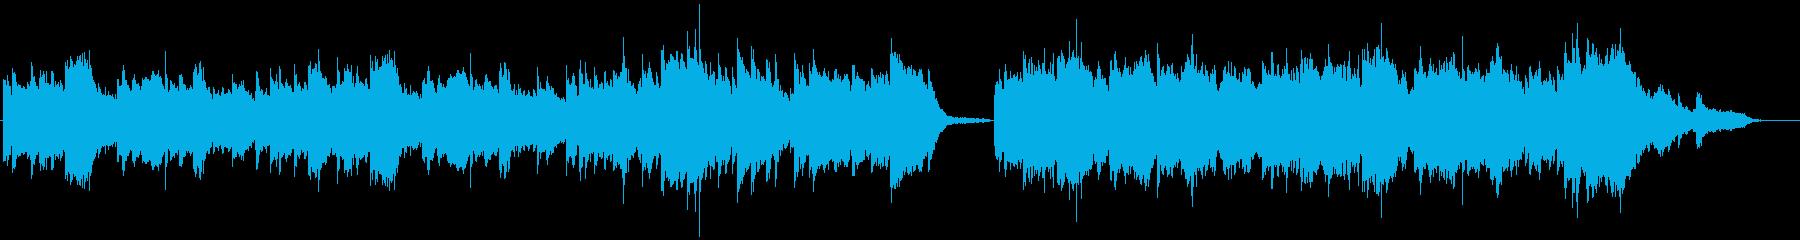 劇的ビフォーアフターのパロディ曲の再生済みの波形